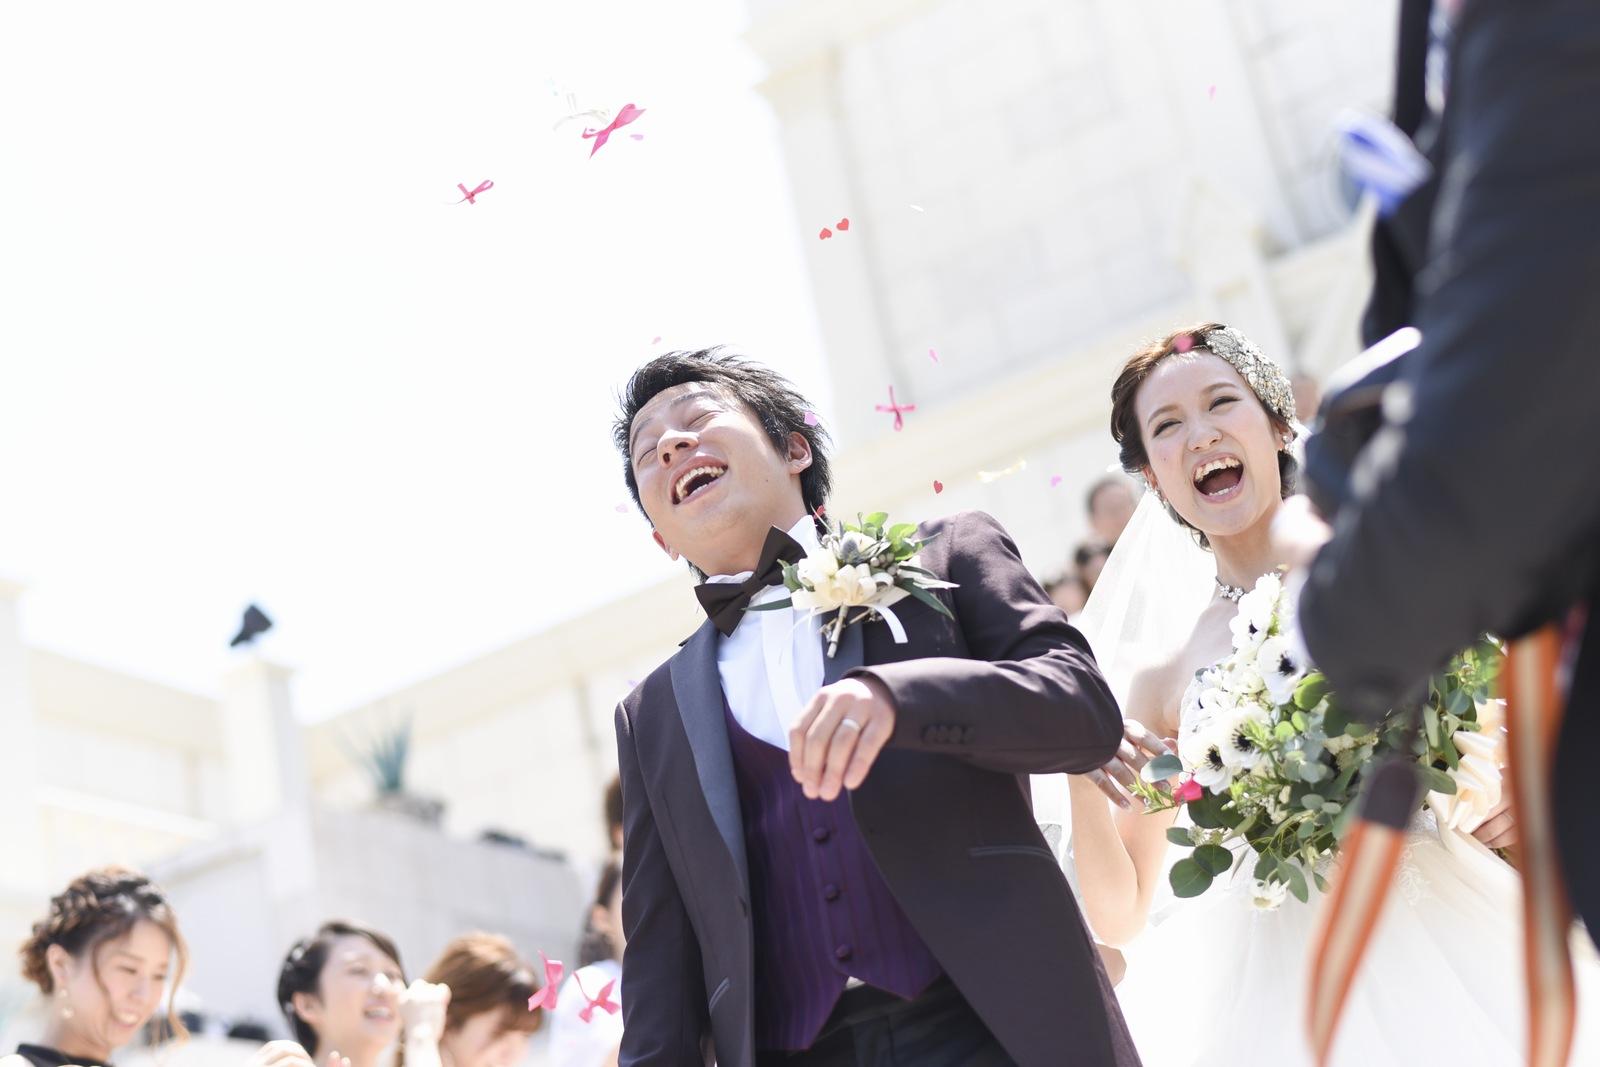 香川県の結婚式場シェルエメール&アイスタイルのフラワーシャワー